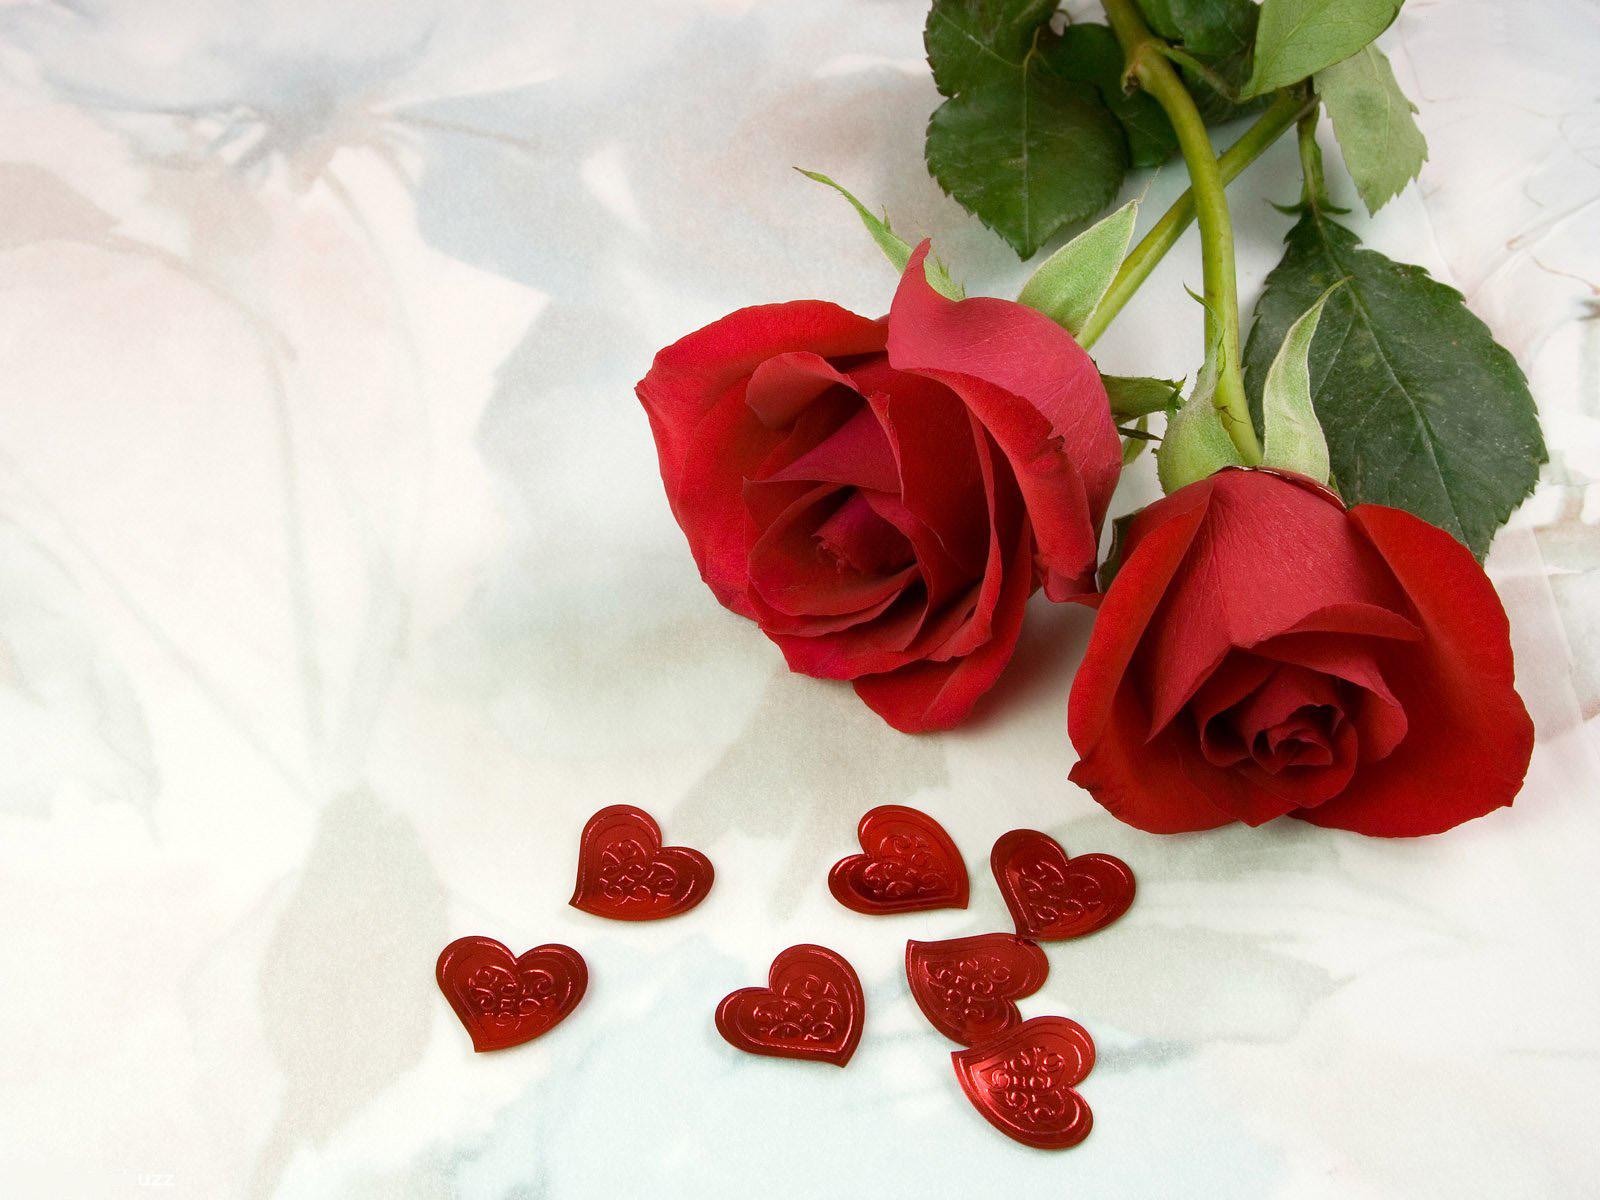 Rose Wallpaper · Rose Wallpaper ...